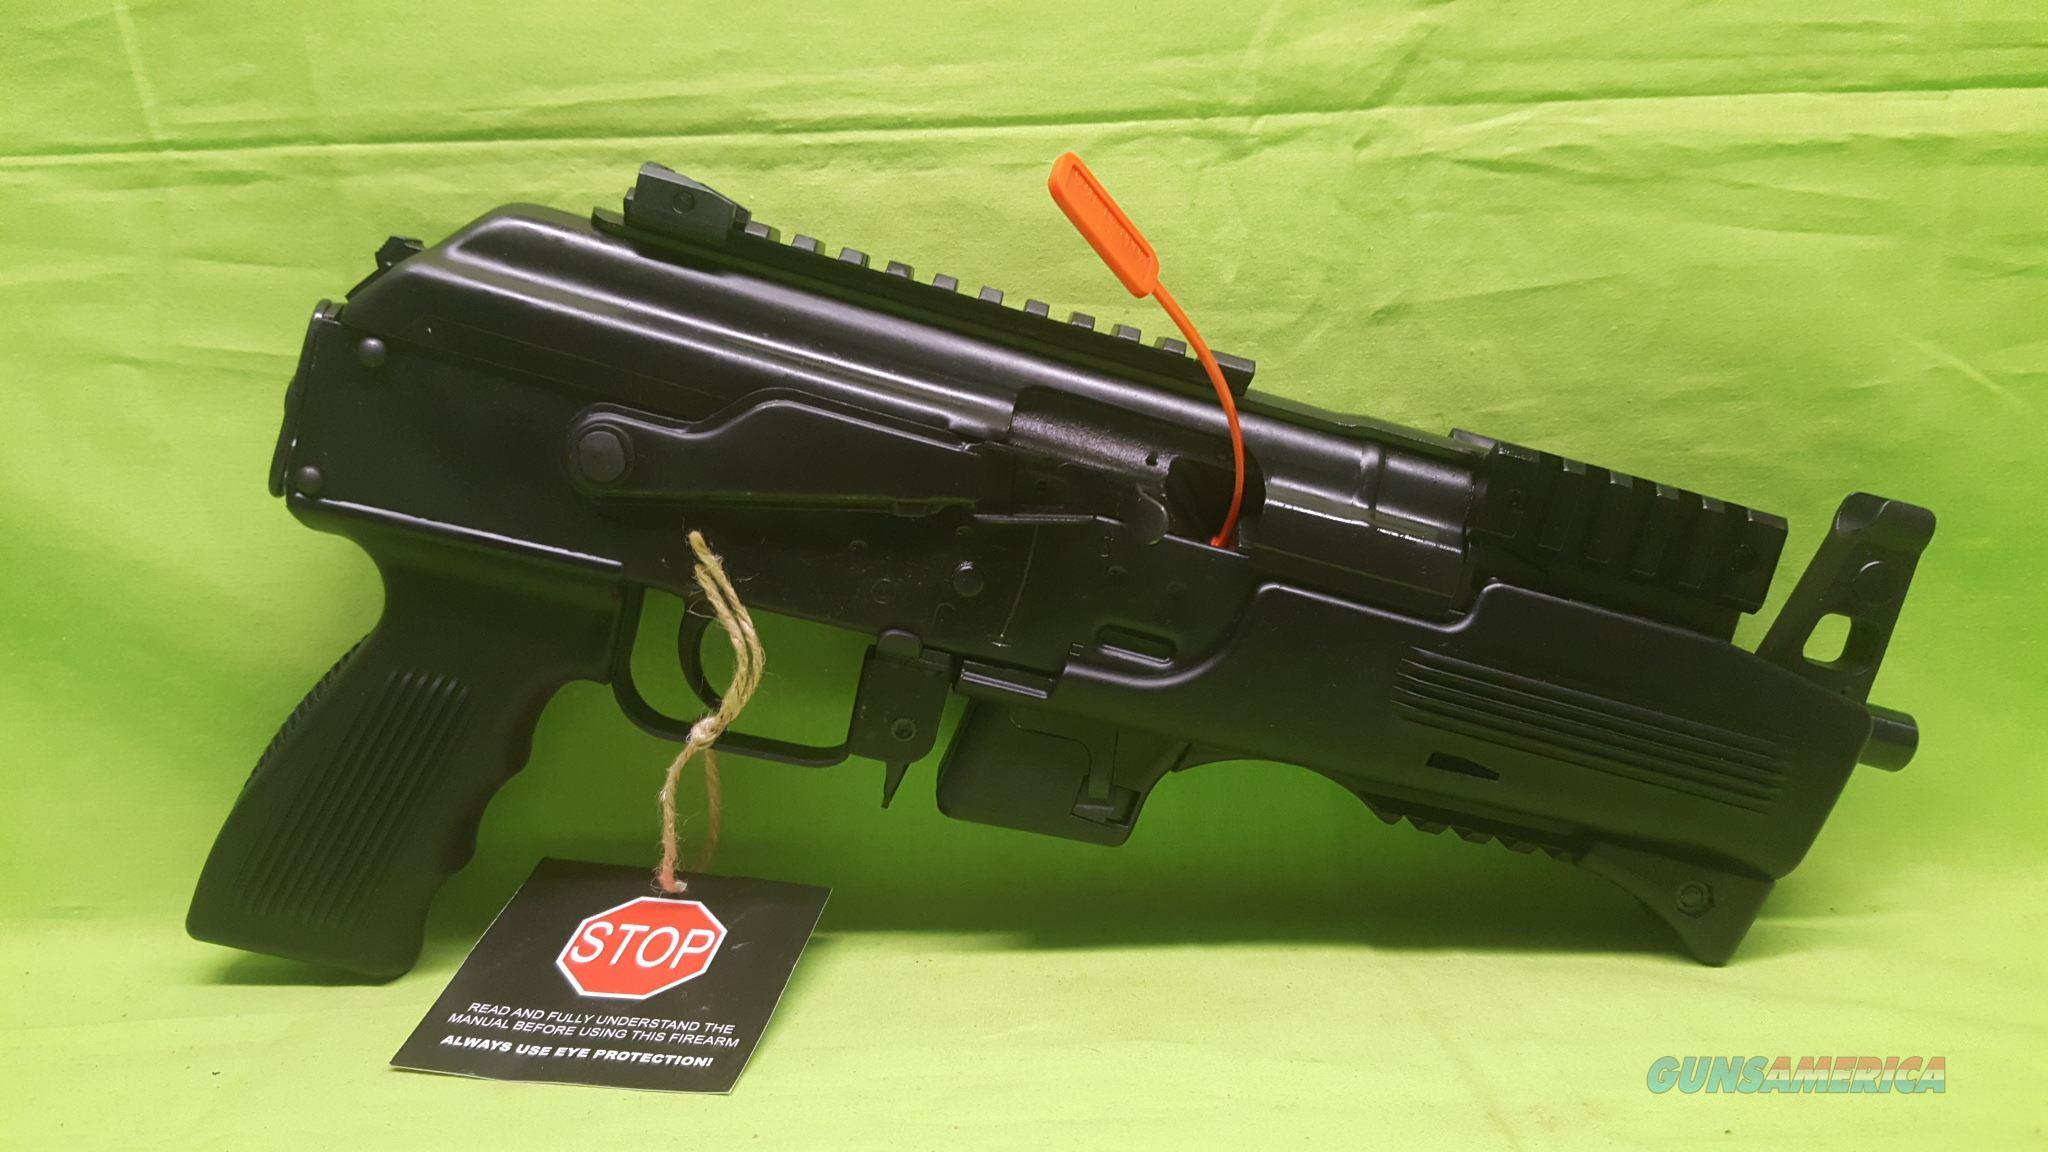 CHIAPPA CHARLES DALY AK 9 AK9 PISTOL BERETTA 92  Guns > Pistols > Charles Daly Pistols > Auto